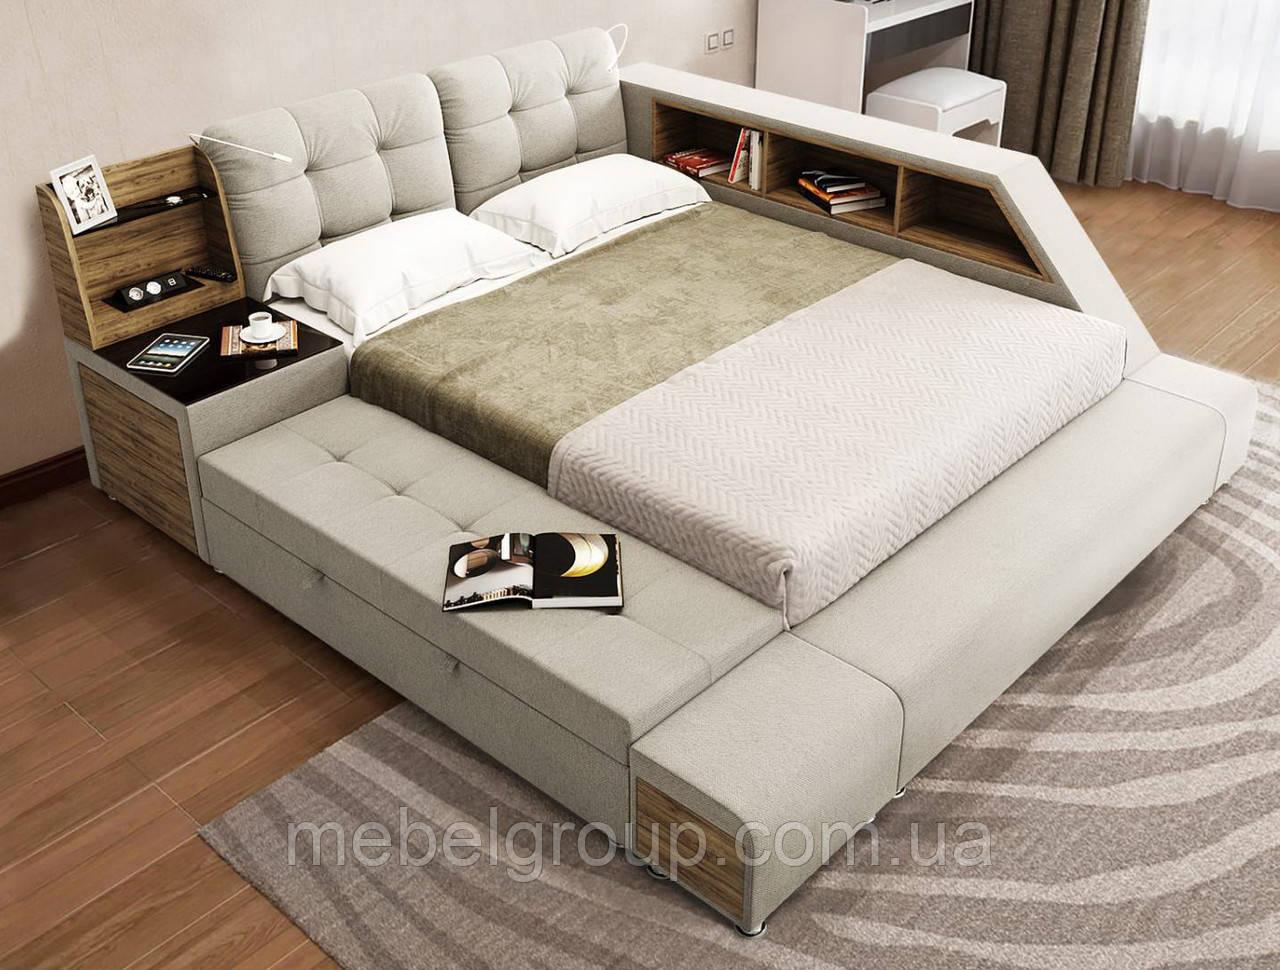 Кровать Атланта 160*200 с механизмом